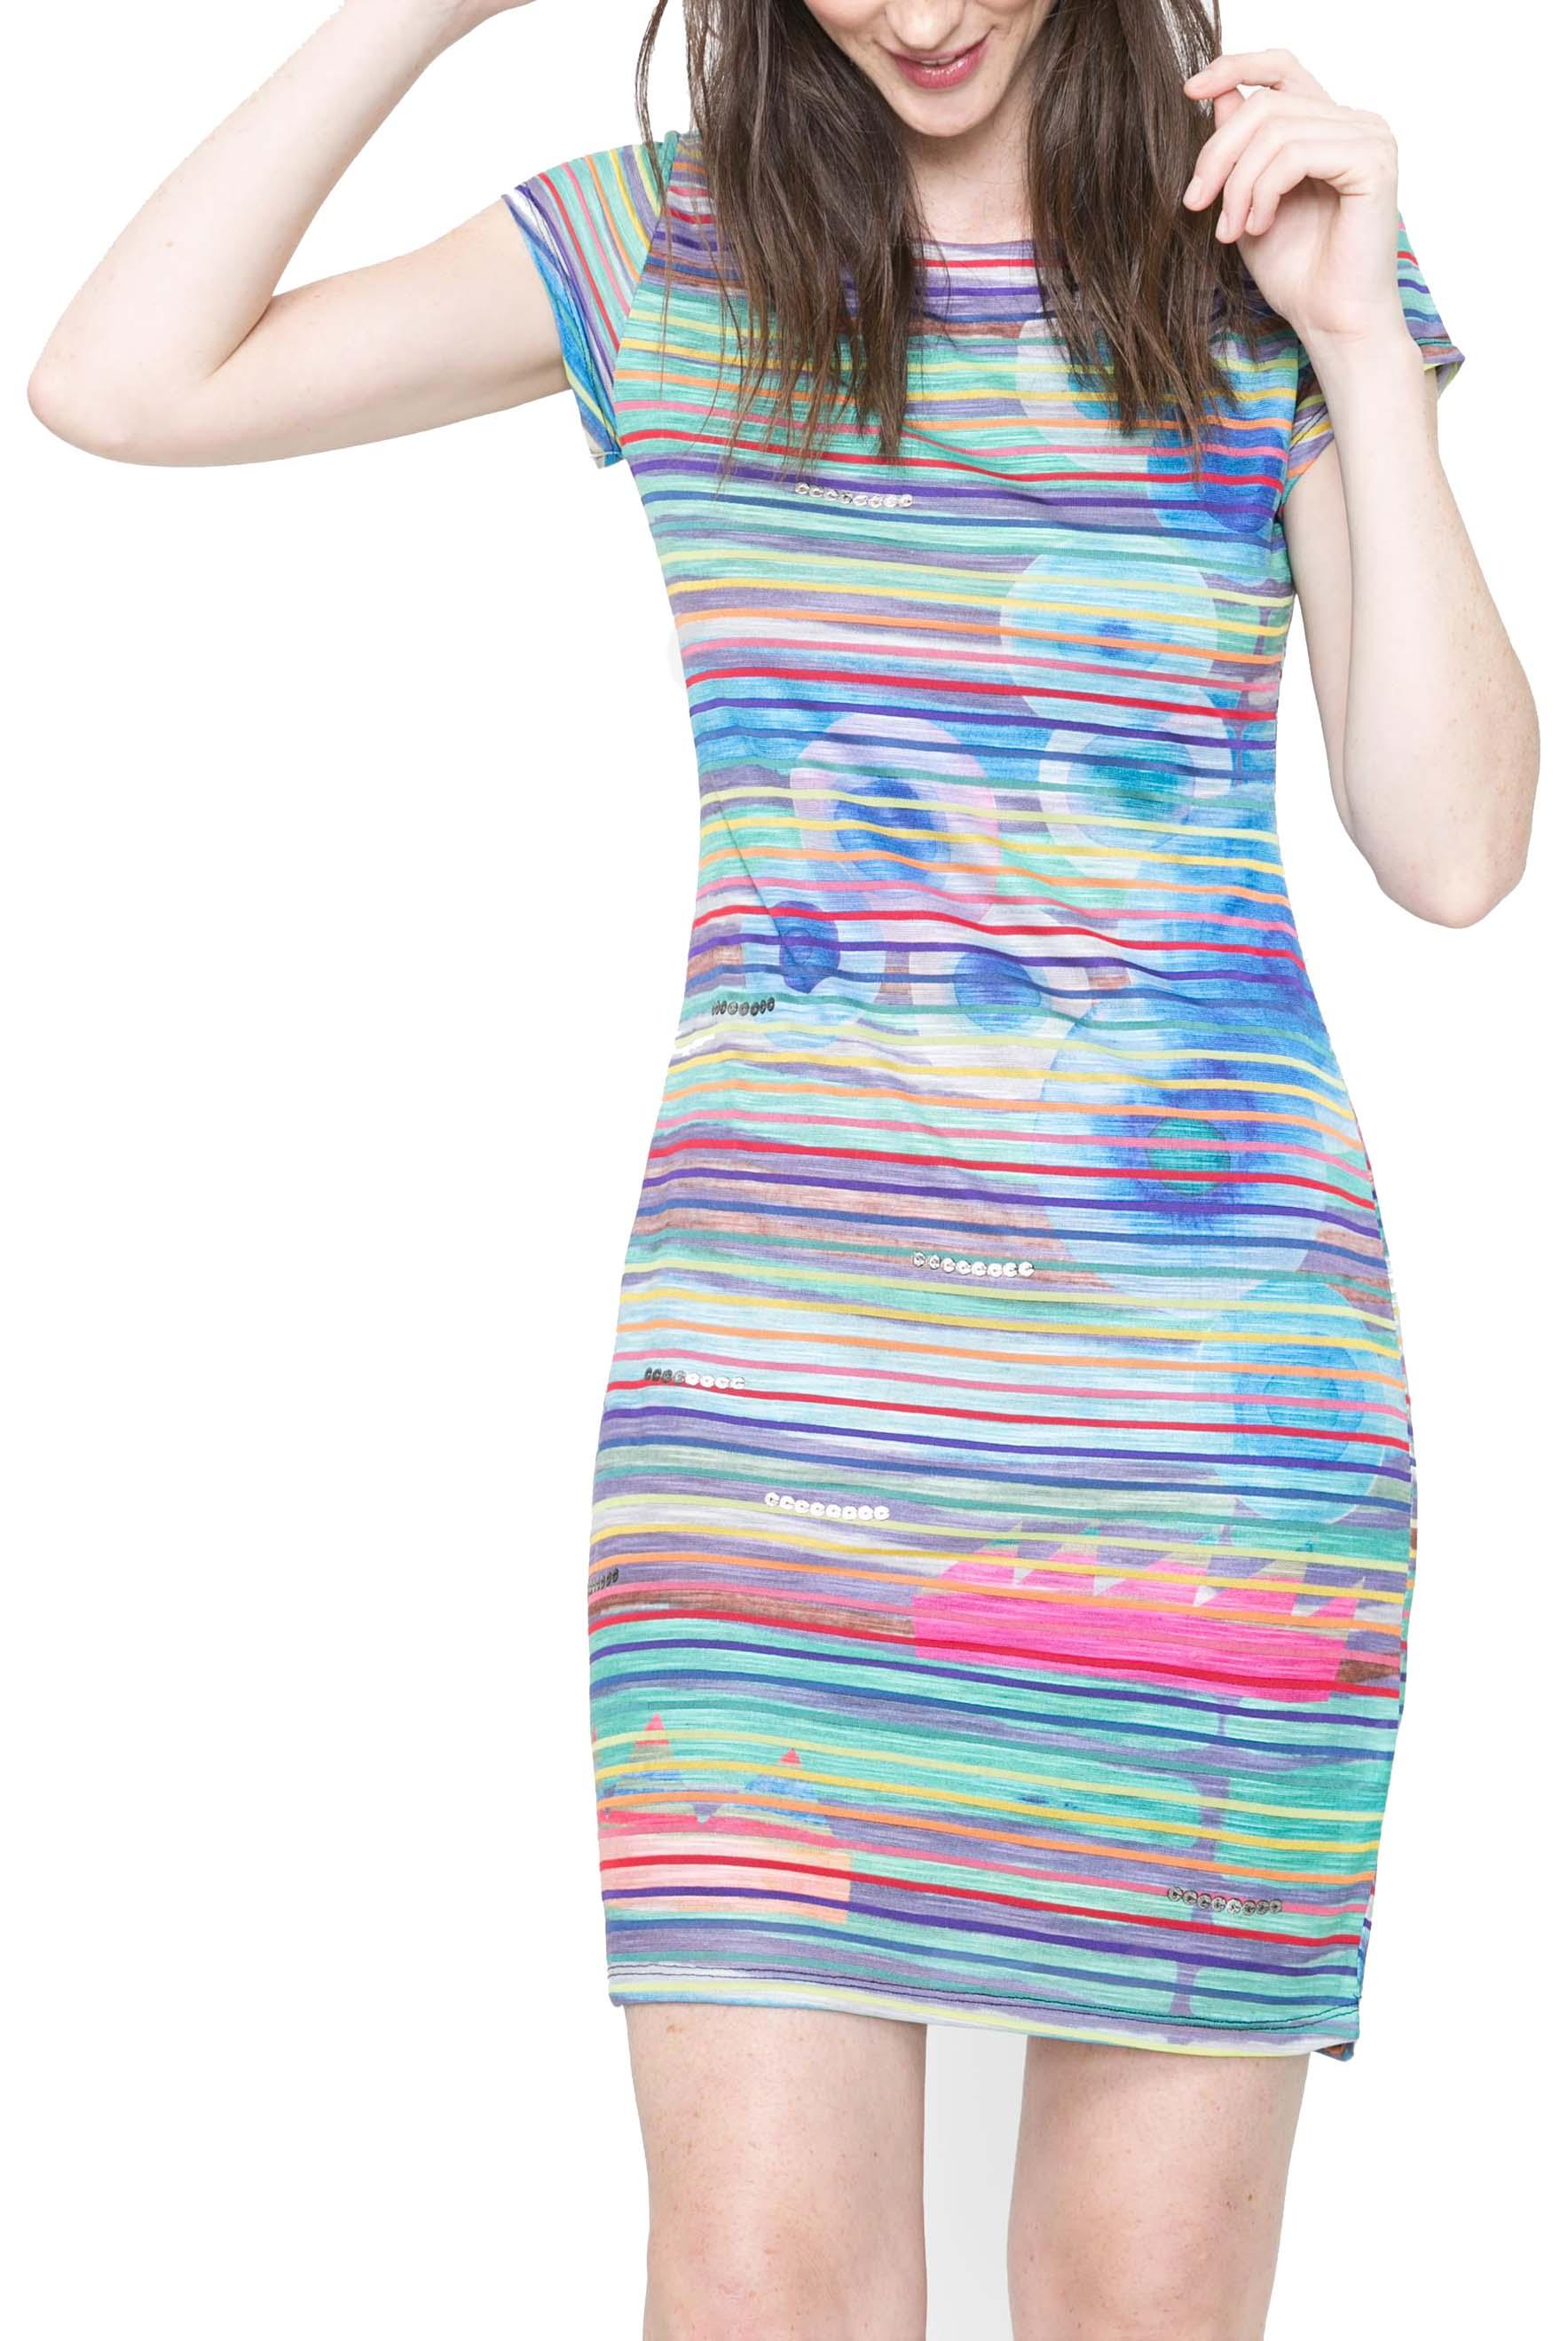 Buďte nepřehlédnutelná díky originálním letním šatům  dd82618120